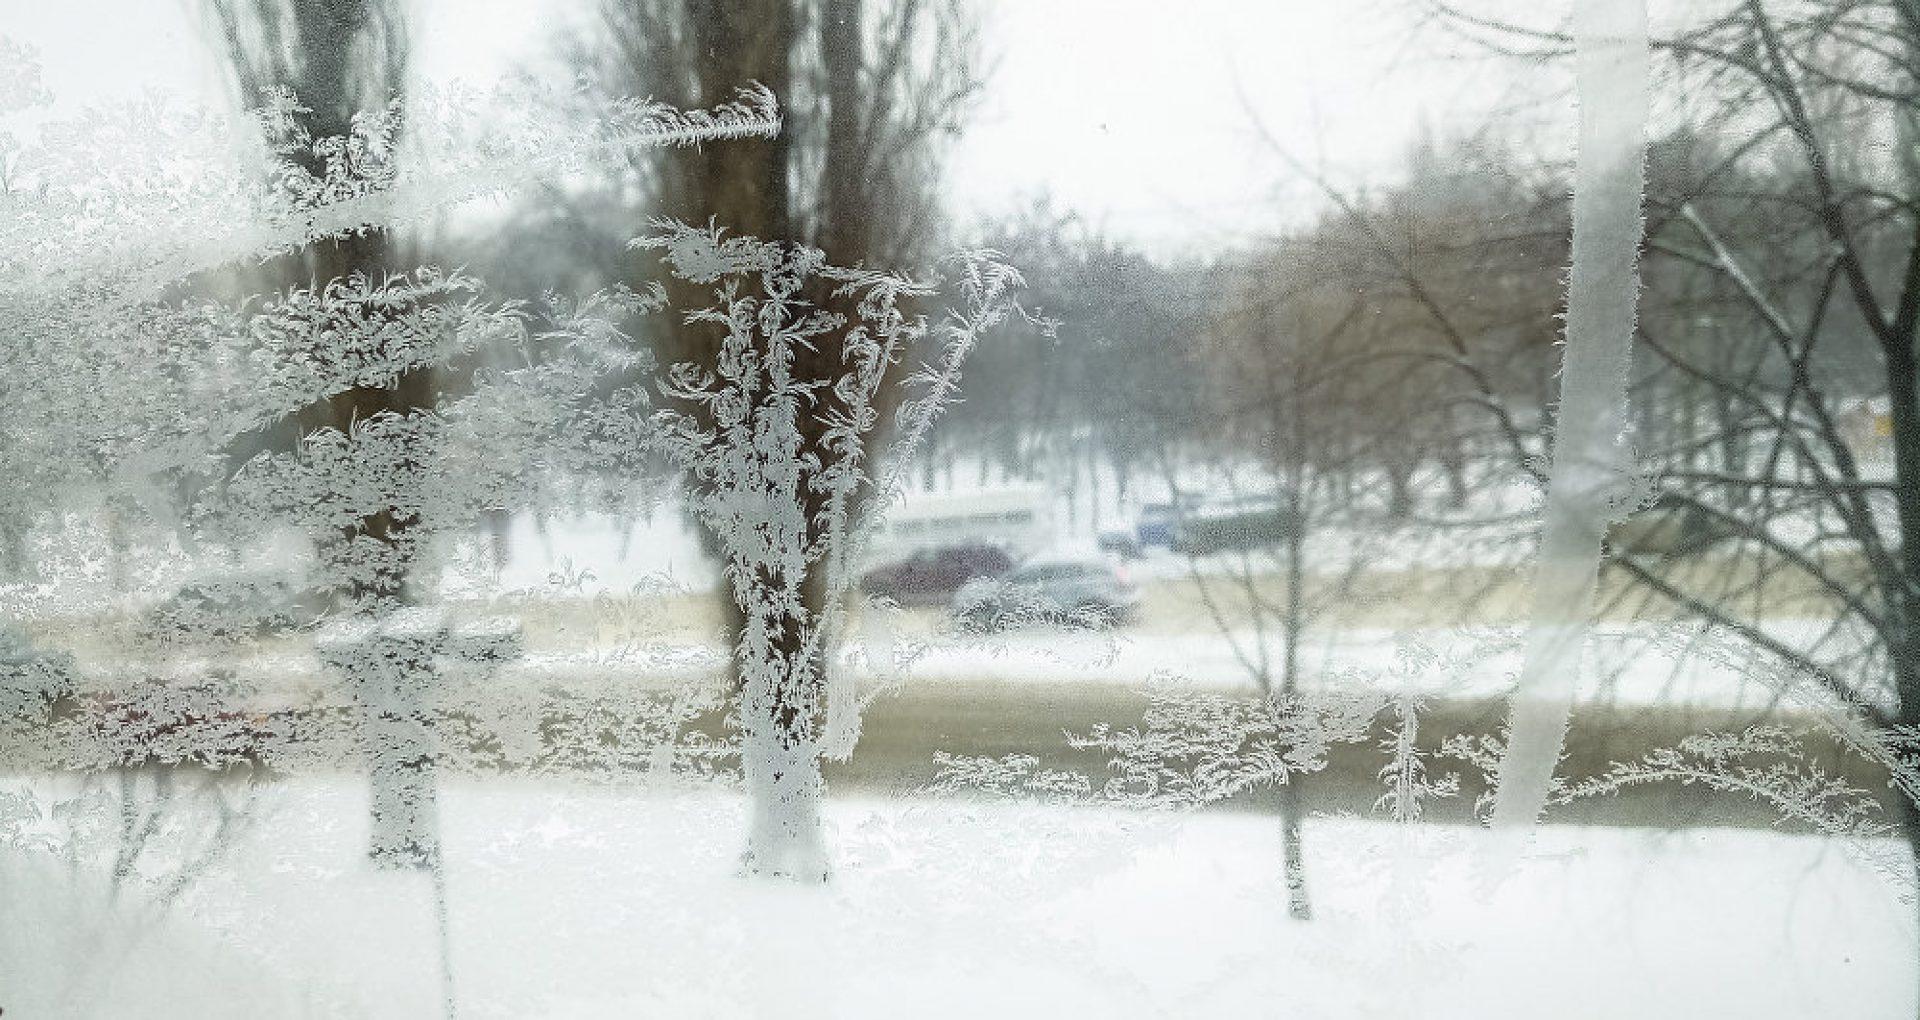 METEO/ Gerul pune stăpânire pe R. Moldova. Temperaturi de până la -15 grade Celsius pentru următoarele zile